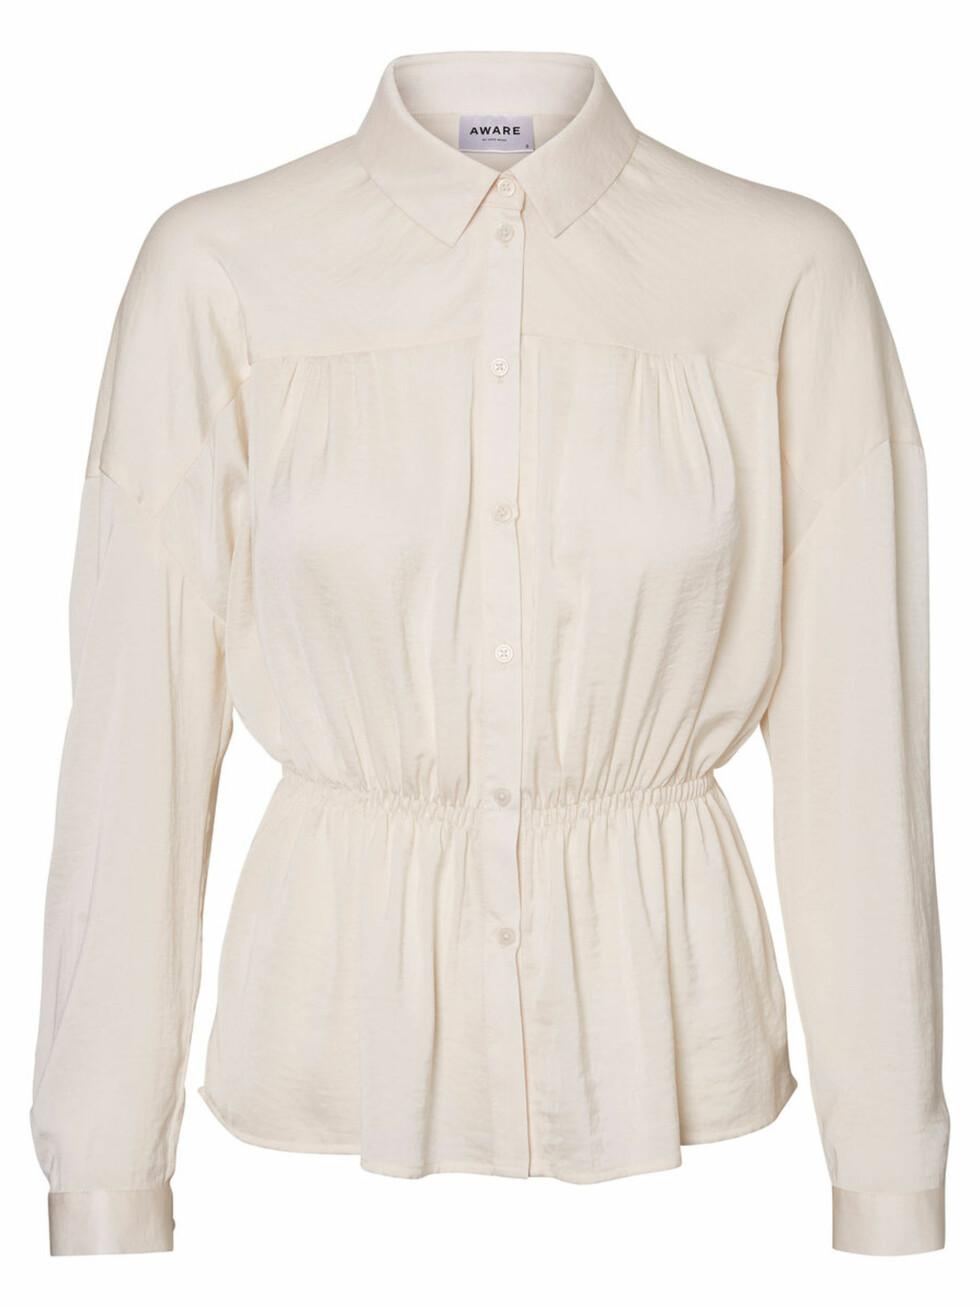 Skjorte fra Vero Moda |350,-| https://www.veromoda.com/no/no/vm/kjoep-etter-kategori/skjorter/aware-skjorte-10194629.html?cgid=vm-shirts&dwvar_colorPattern=10194629_Eggnog